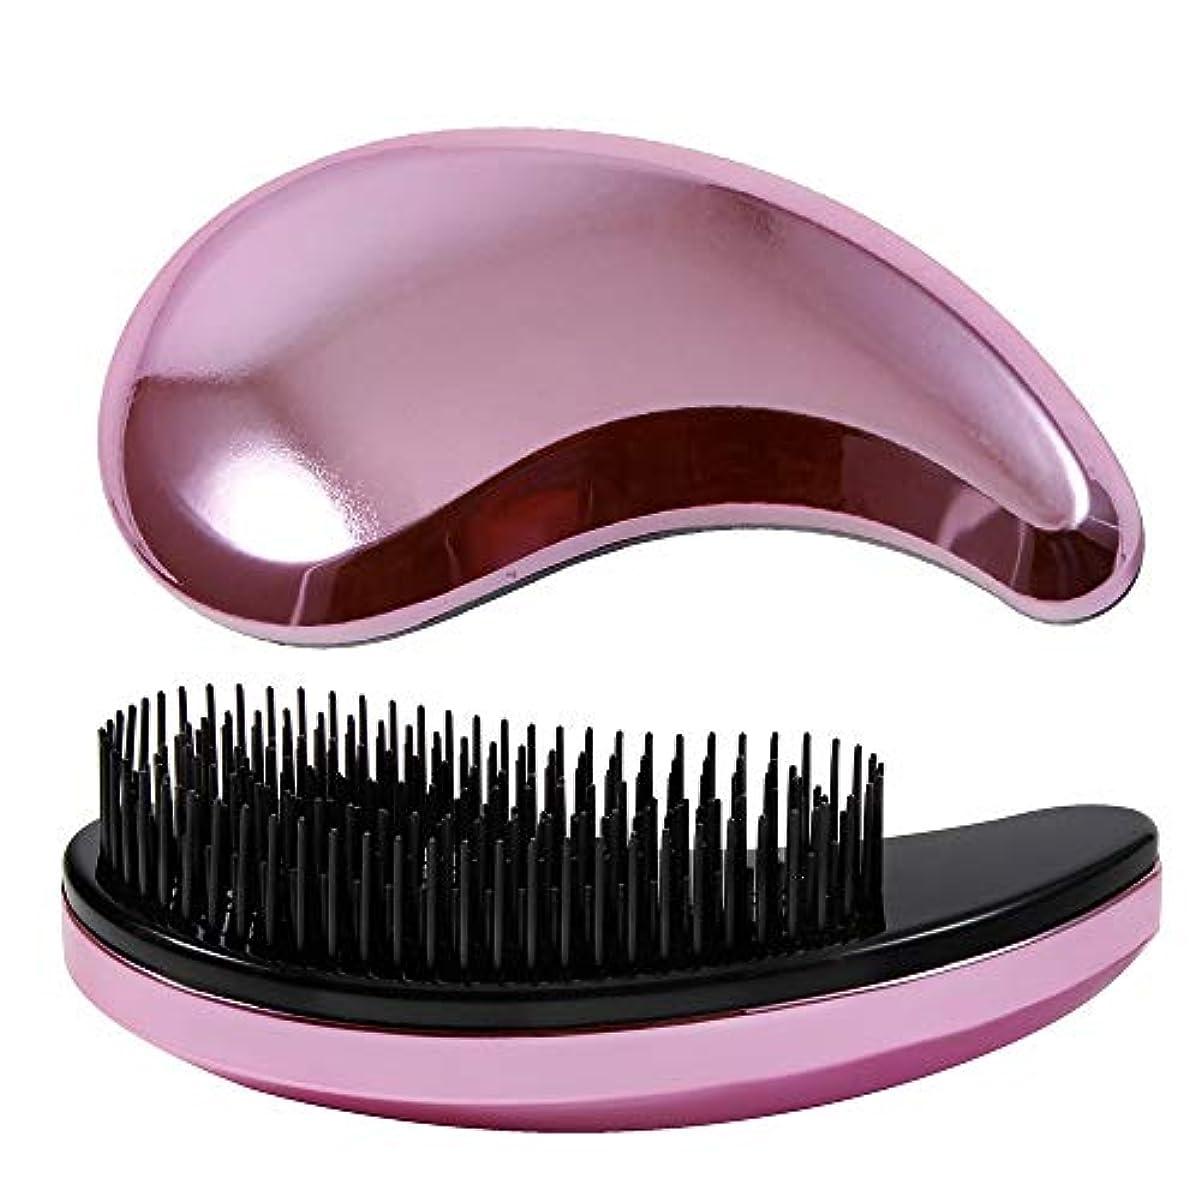 極貧灰消毒剤女の子および女性毛の櫛またはブラシのプラスチック毛の櫛の小さい毛のための毛の櫛角のティーザーのブラシ モデリングツール (Color : ピンク)